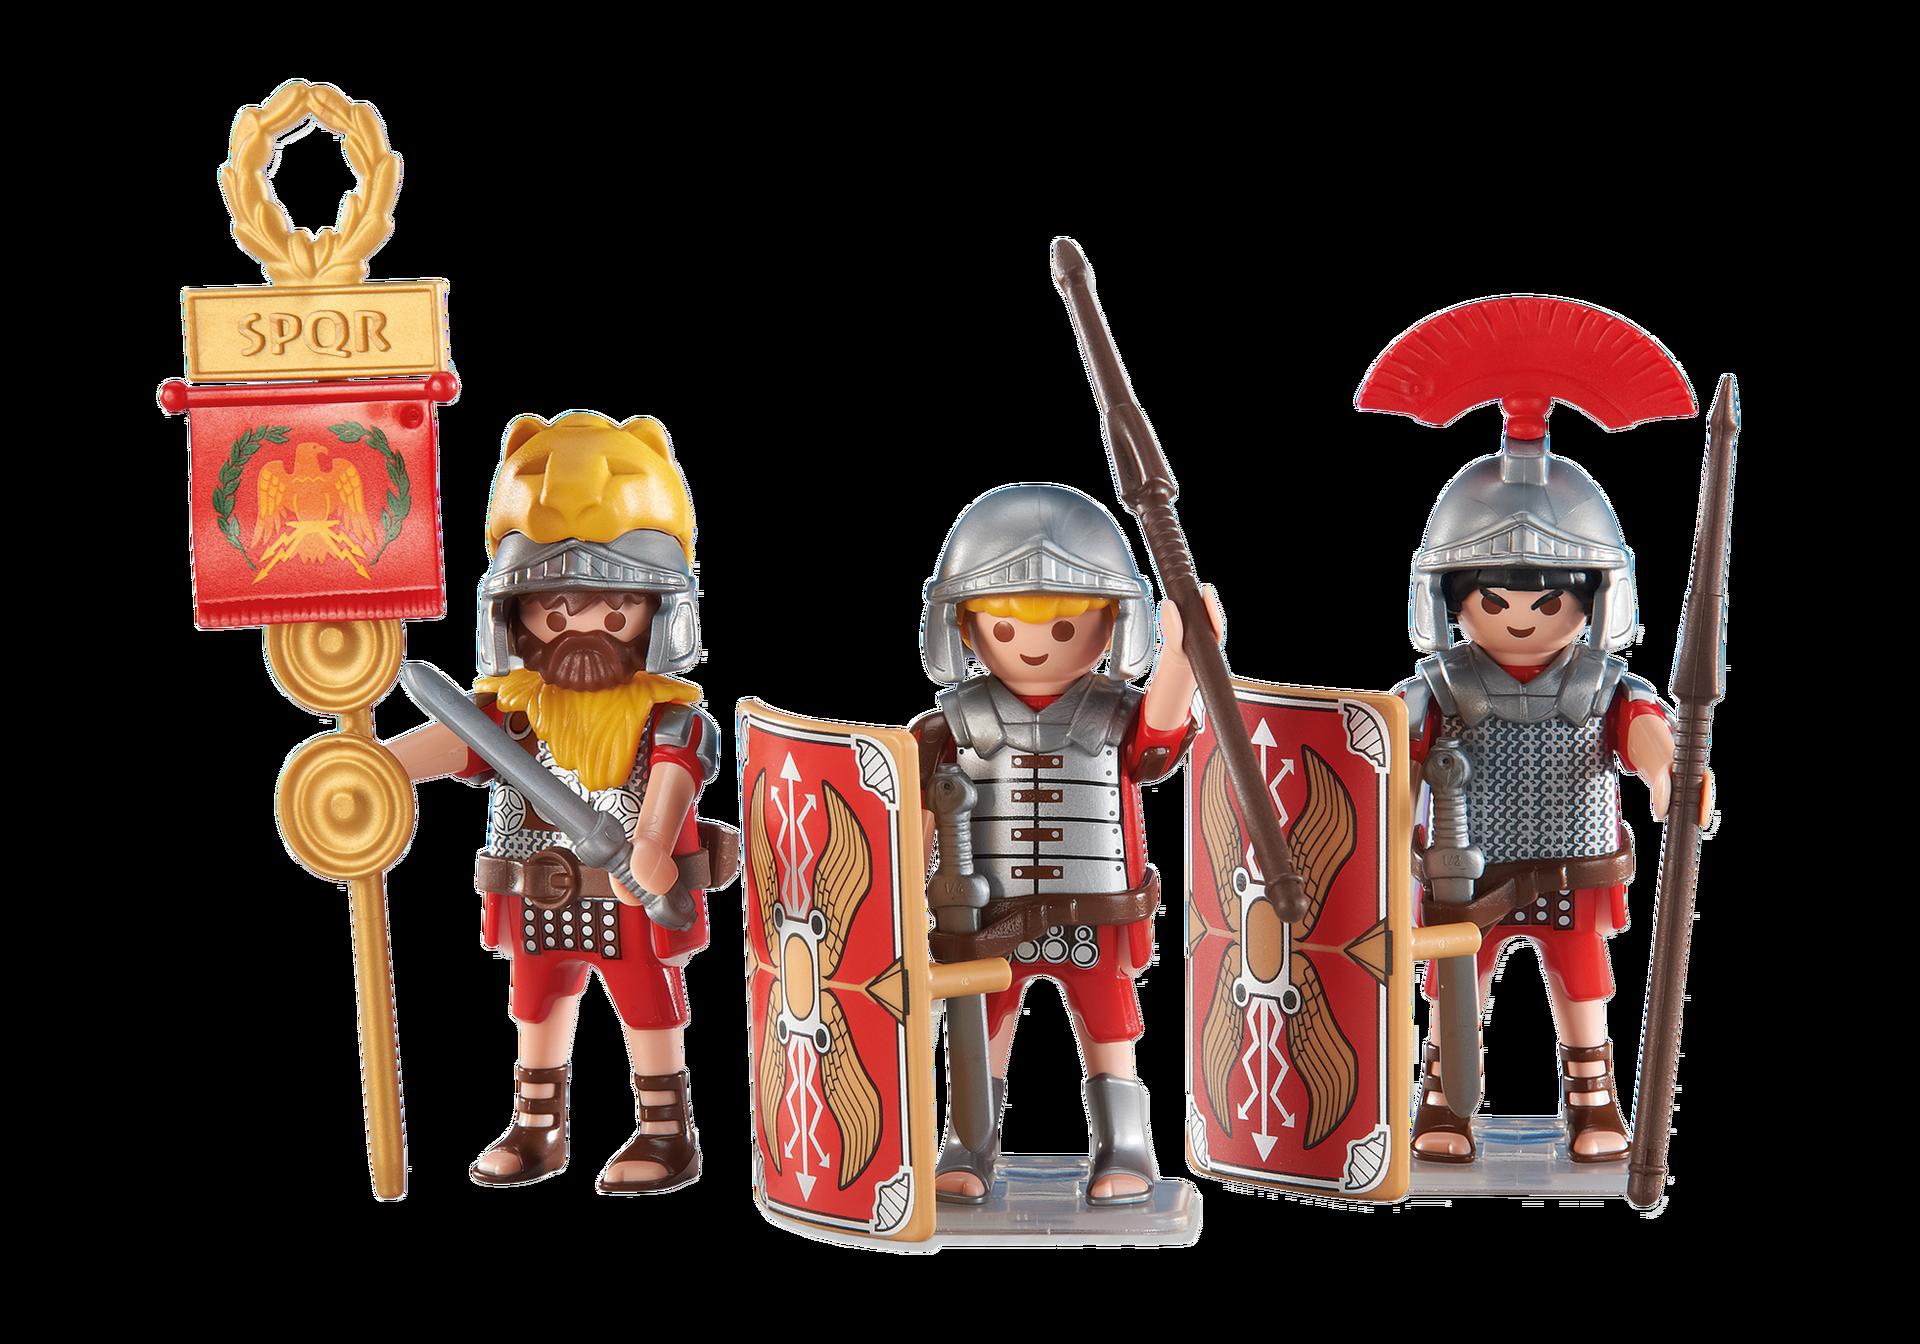 Ausmalbilder Playmobil Römer : Pin Von Christine Christ Auf Bibelspiele Pinterest Bibelspiele